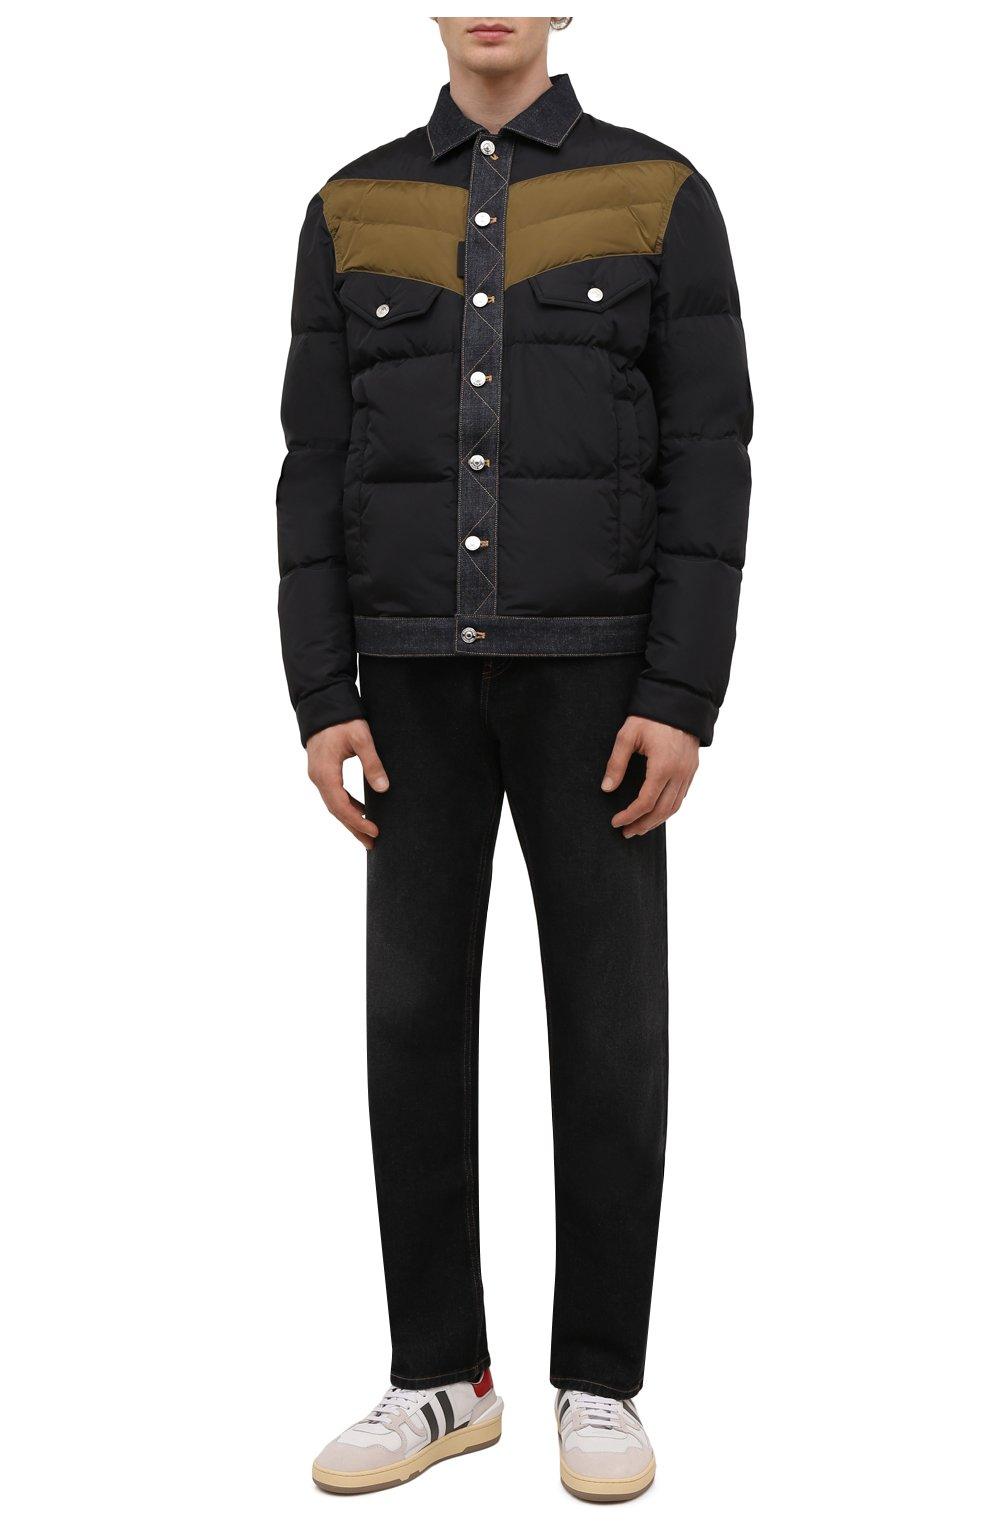 Мужская пуховая куртка DSQUARED2 темно-синего цвета, арт. S74AM1193/S53817   Фото 2 (Кросс-КТ: Куртка; Мужское Кросс-КТ: пуховик-короткий; Рукава: Длинные; Материал внешний: Синтетический материал; Стили: Гранж; Материал подклада: Синтетический материал; Длина (верхняя одежда): Короткие; Материал утеплителя: Пух и перо)